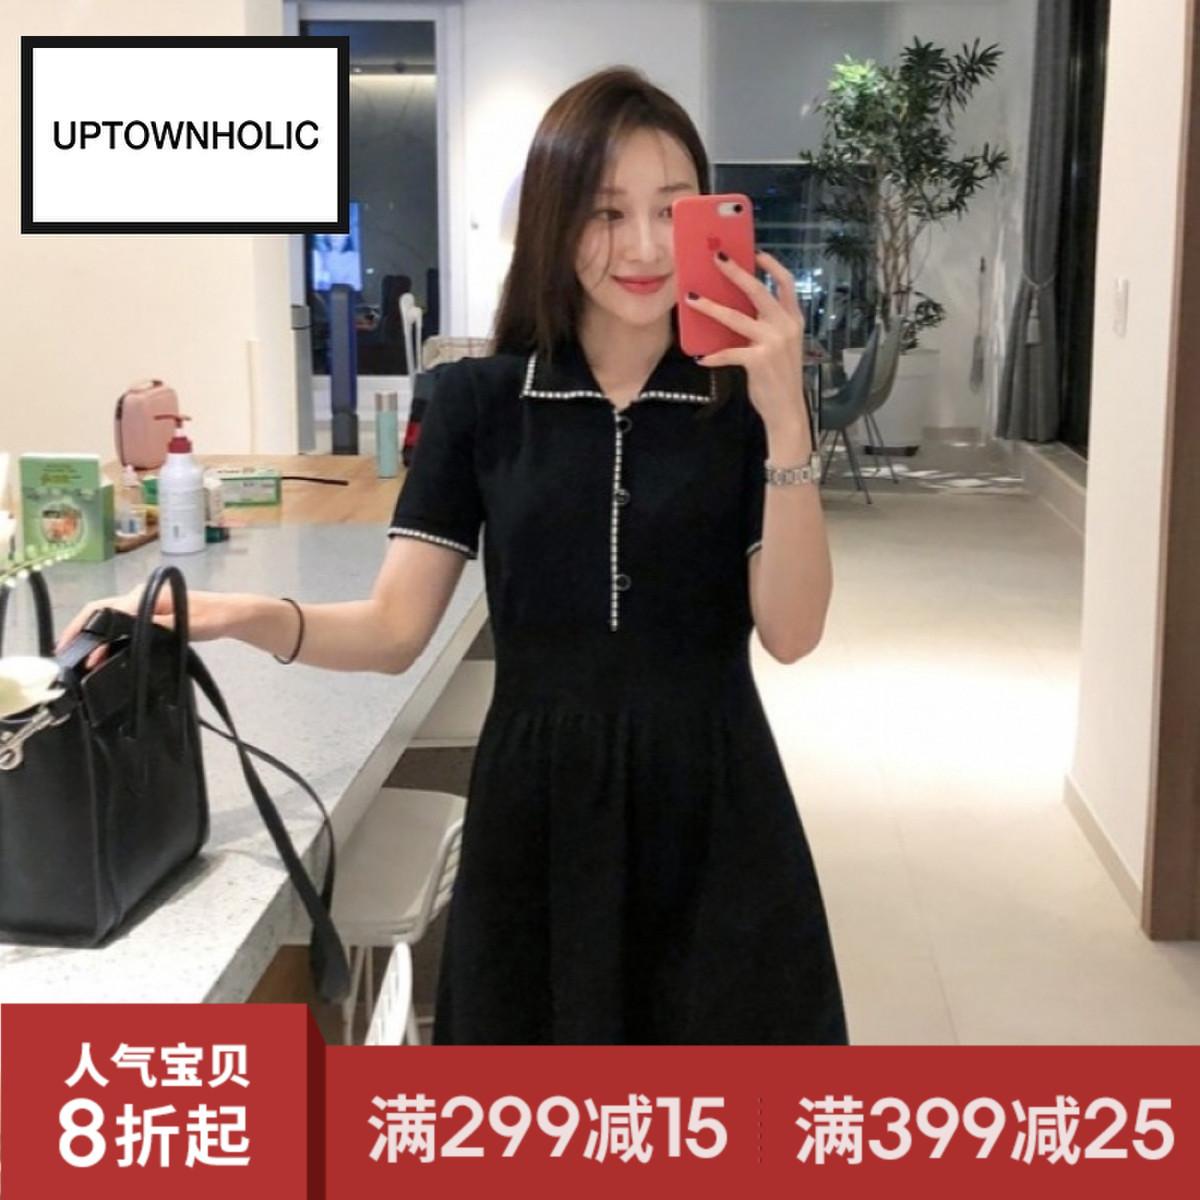 韩国翻领裙